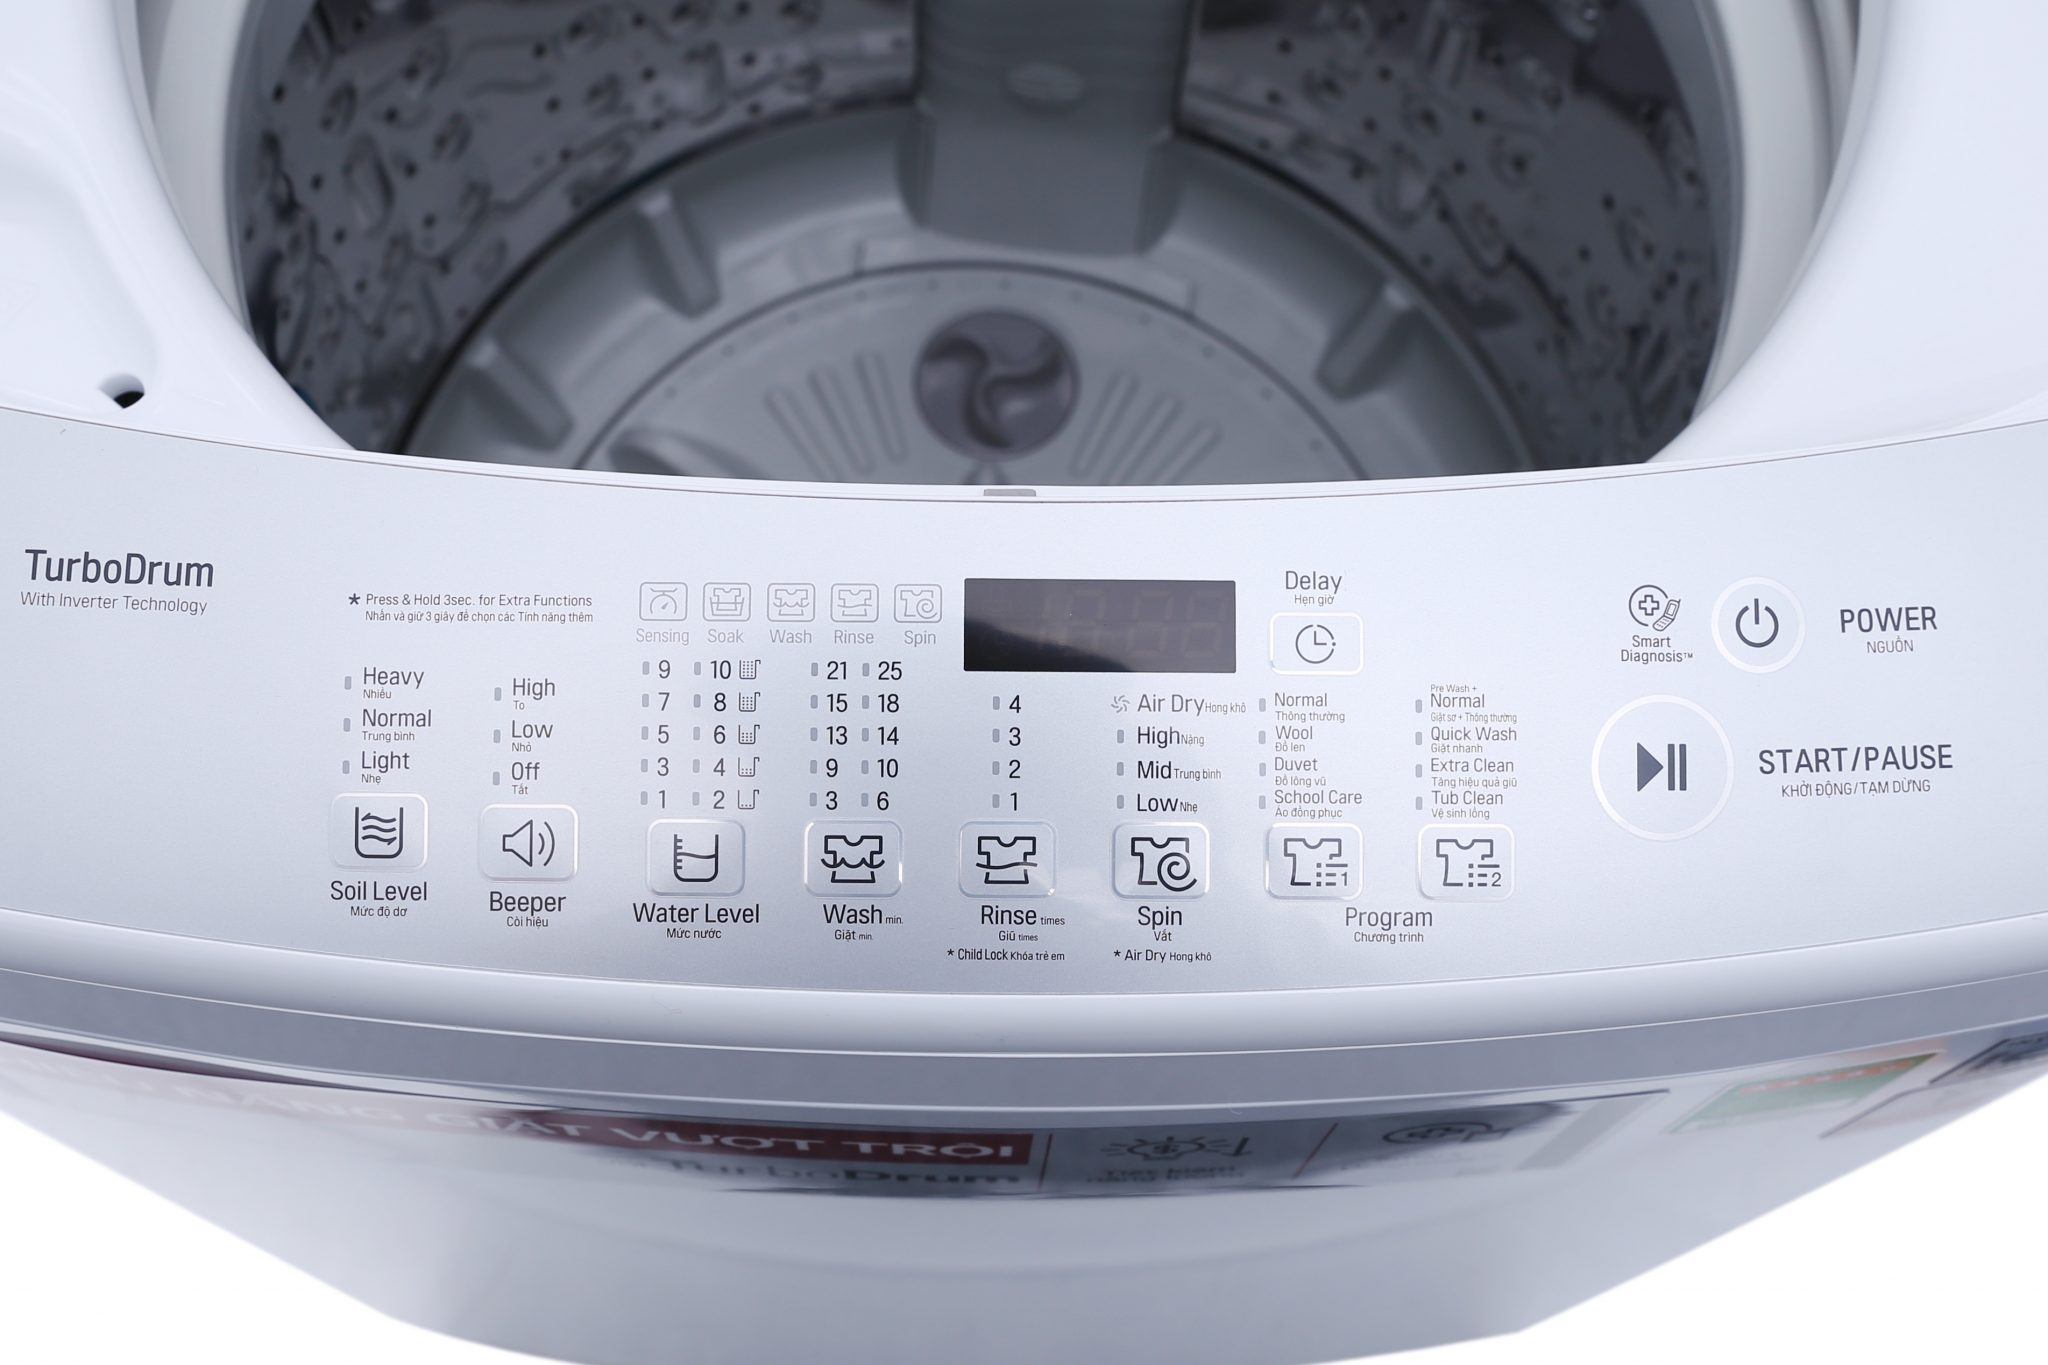 Tính năng tự động vệ sinh lồng giặt tiện lợi với máy giặt T2350VSAW